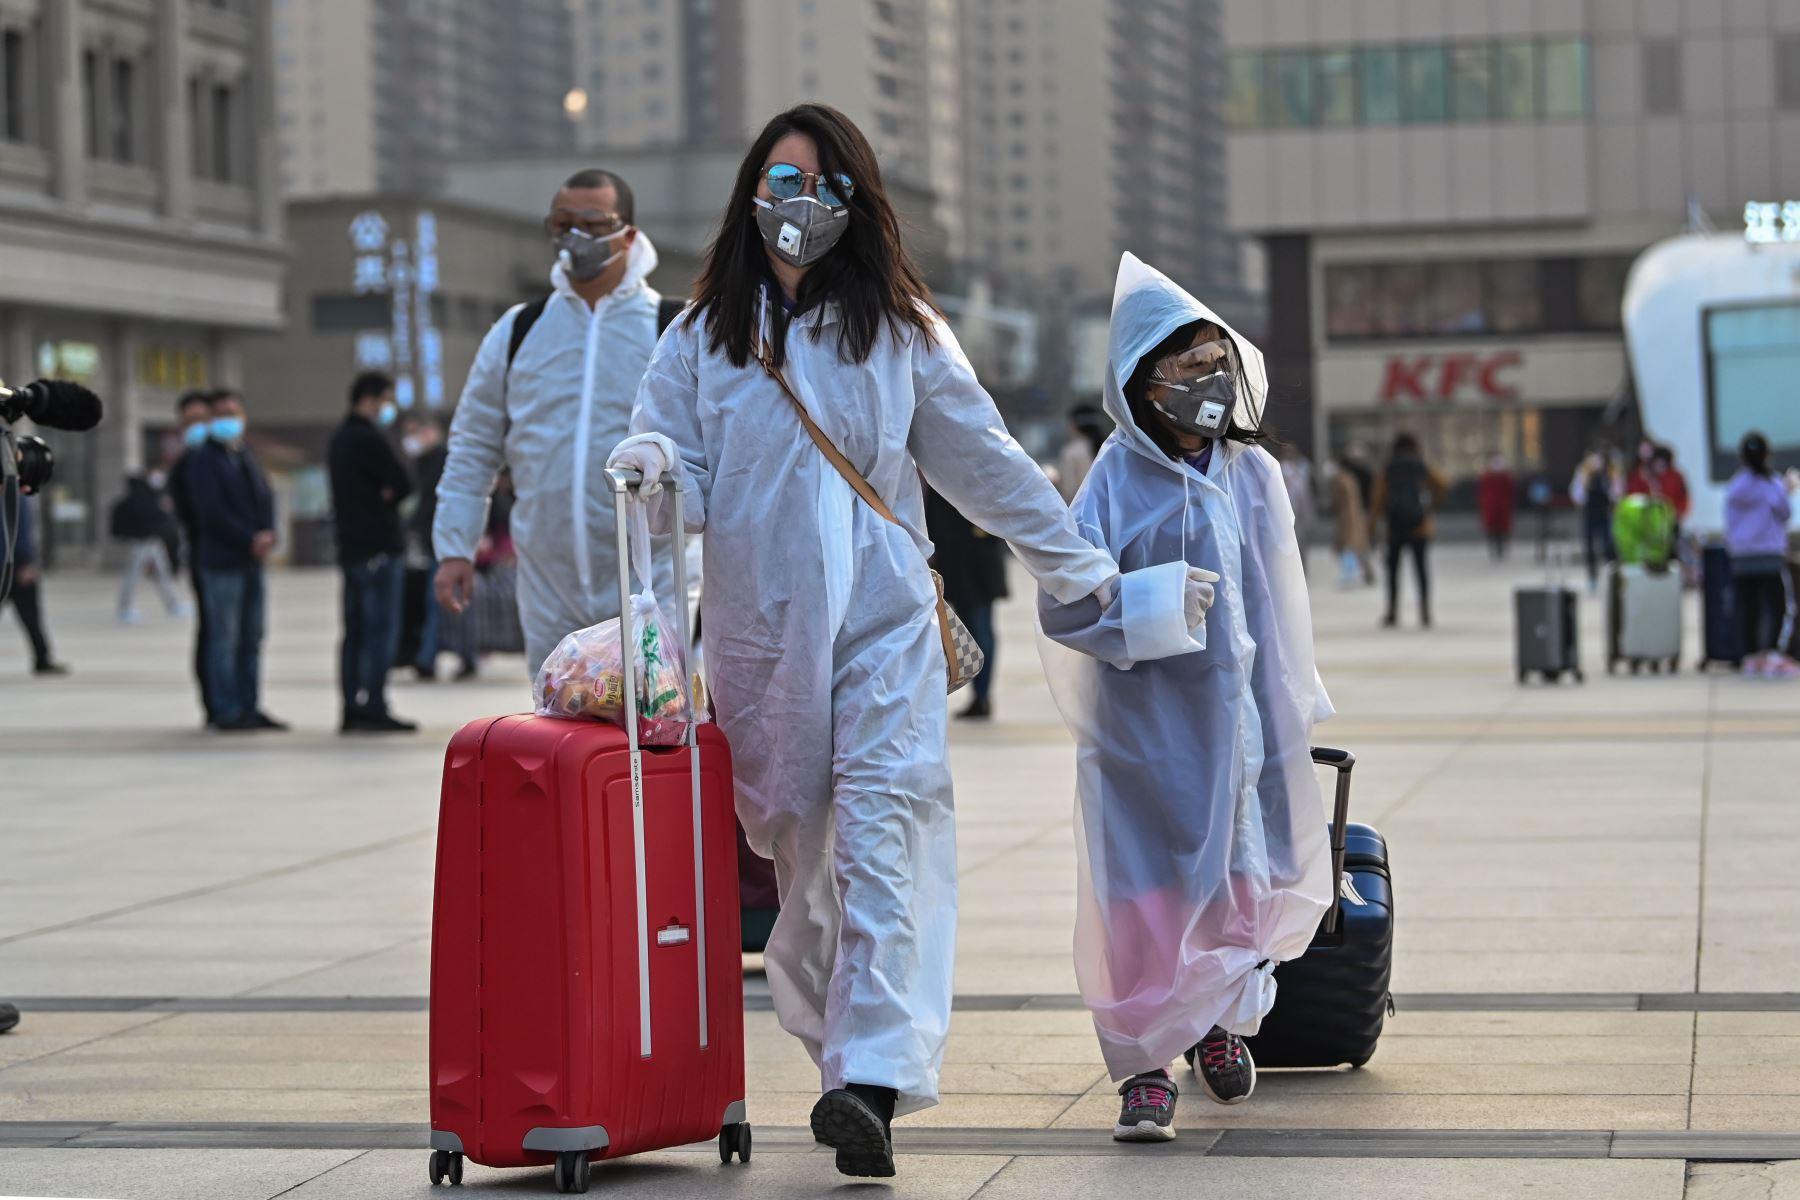 Las personas con máscaras y ropa protectora llegan a la estación de tren de Hankou en Wuhan, para abordar uno de los primeros trenes que salen de la ciudad en la provincia central de Hubei de China. Foto: AFP